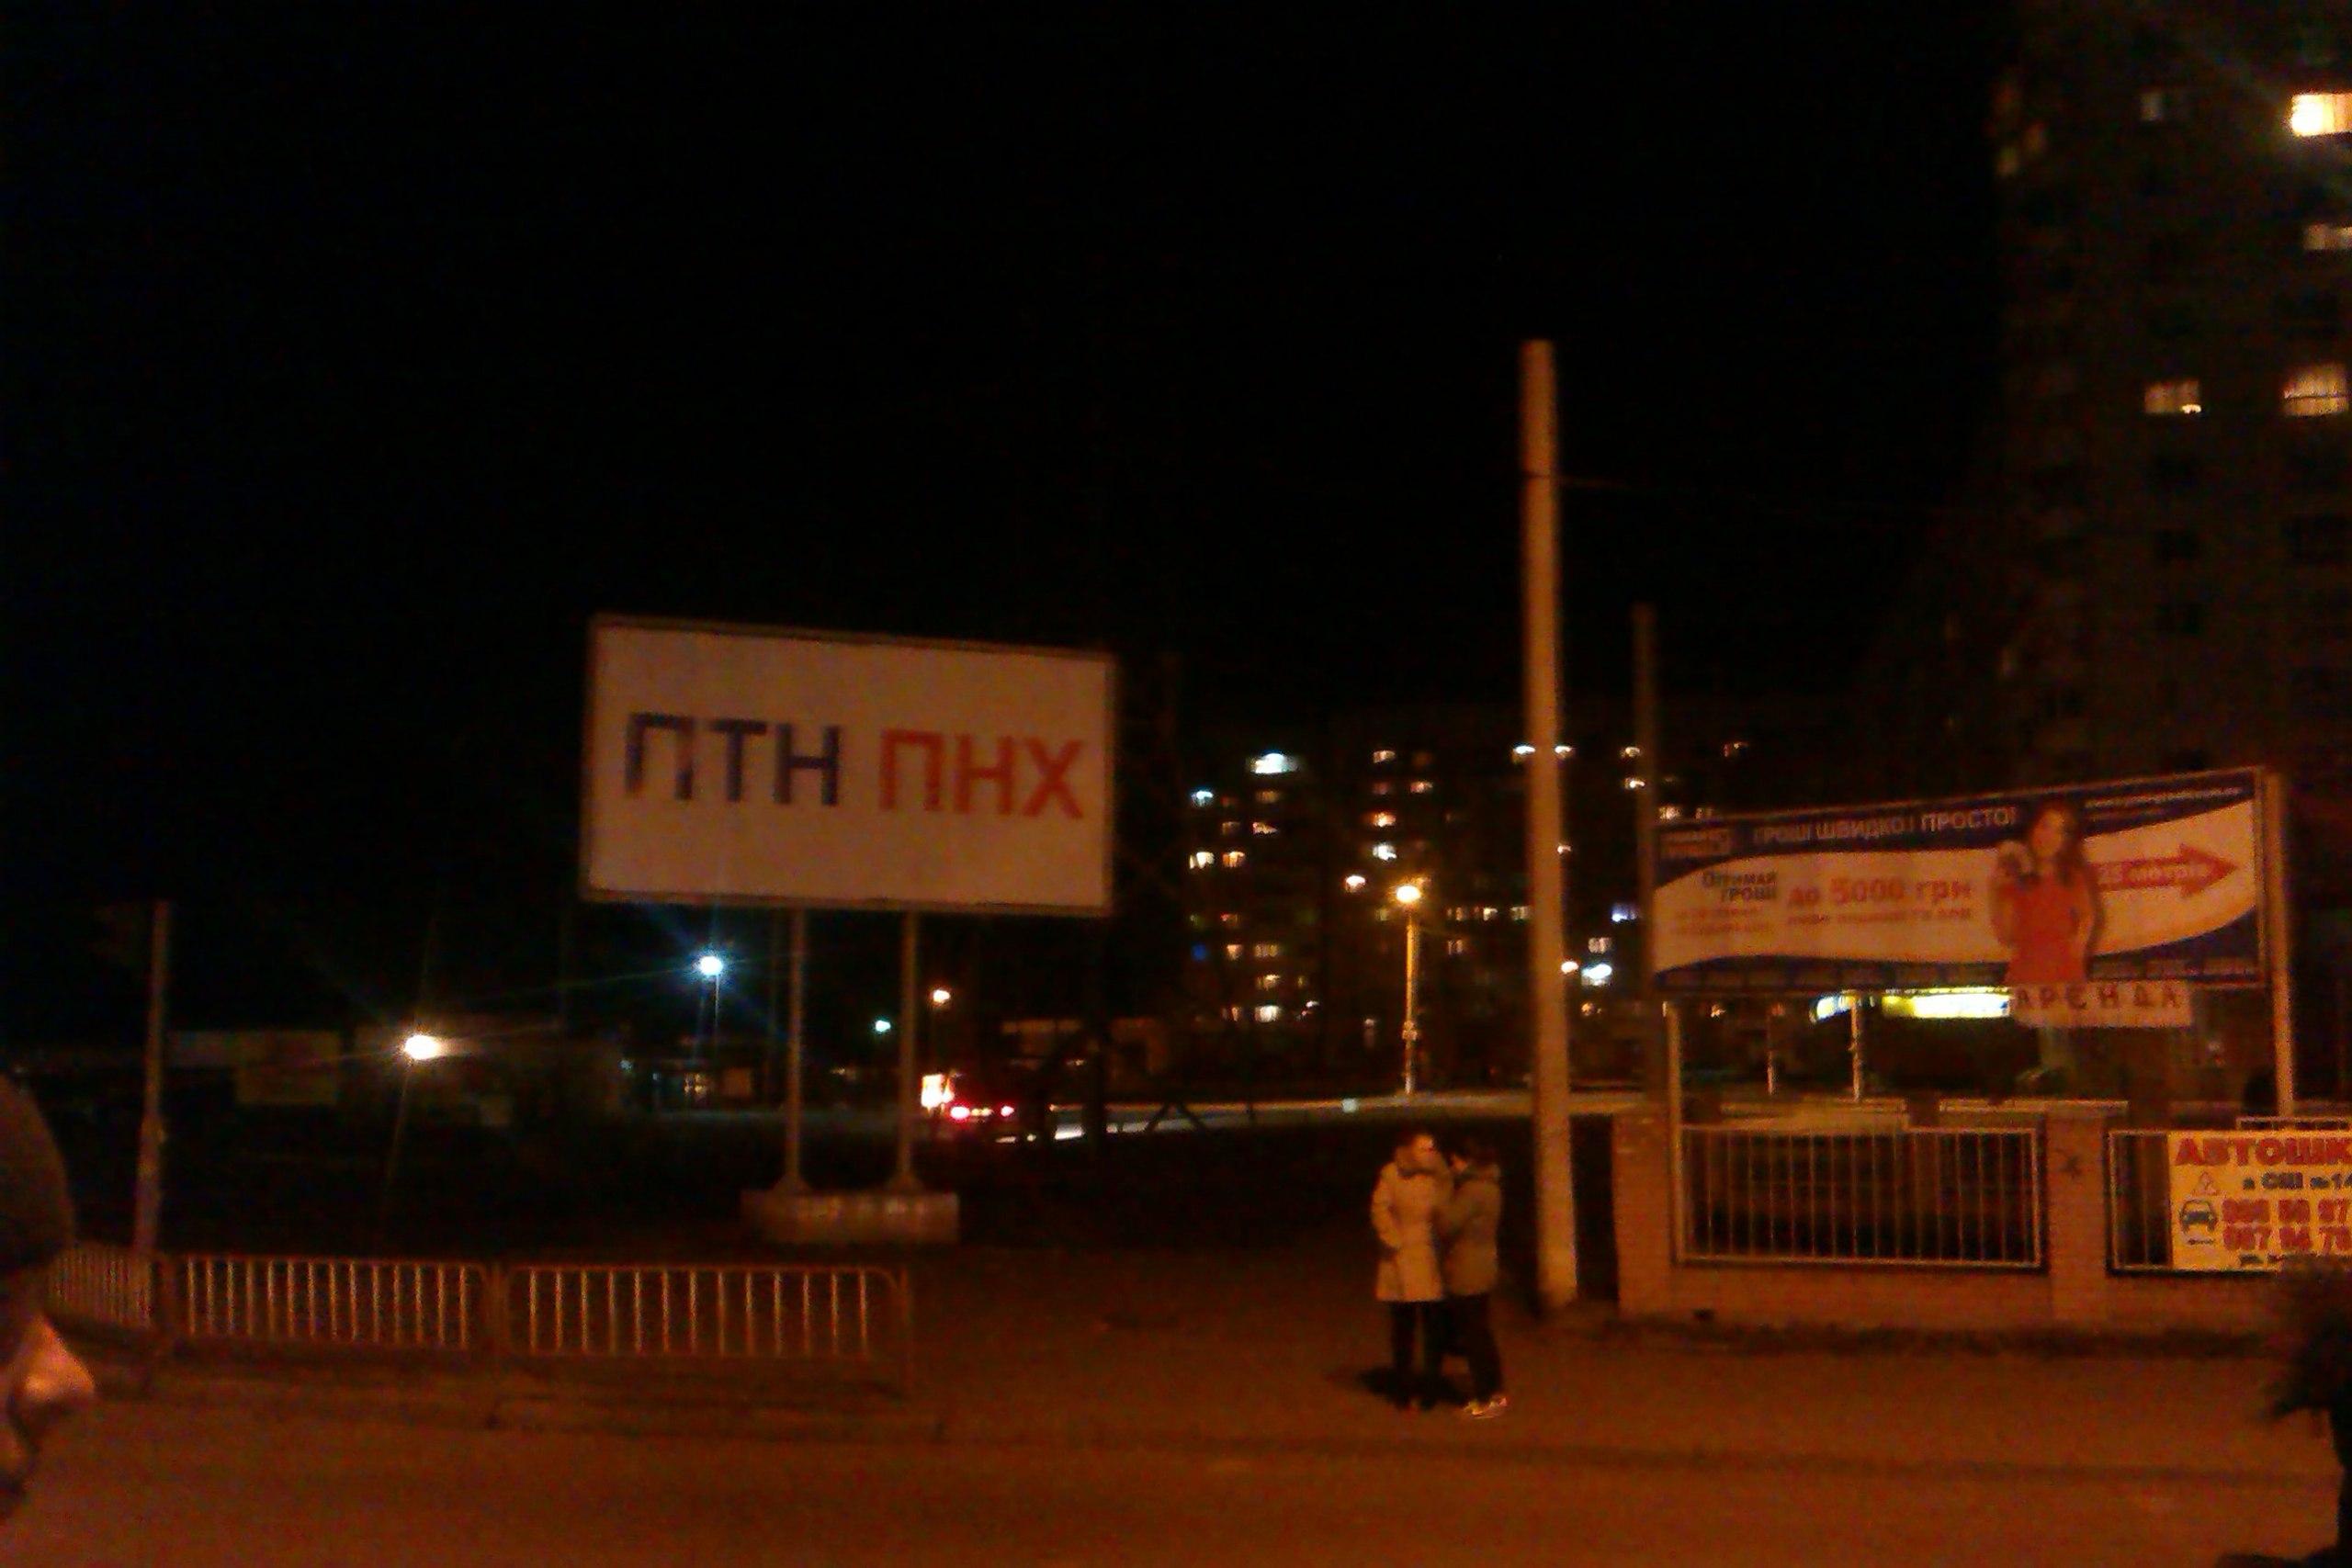 В 106 округе Луганщины более 83 тысяч человек проголосовали за присоединение к Днепропетровской области - Цензор.НЕТ 1320